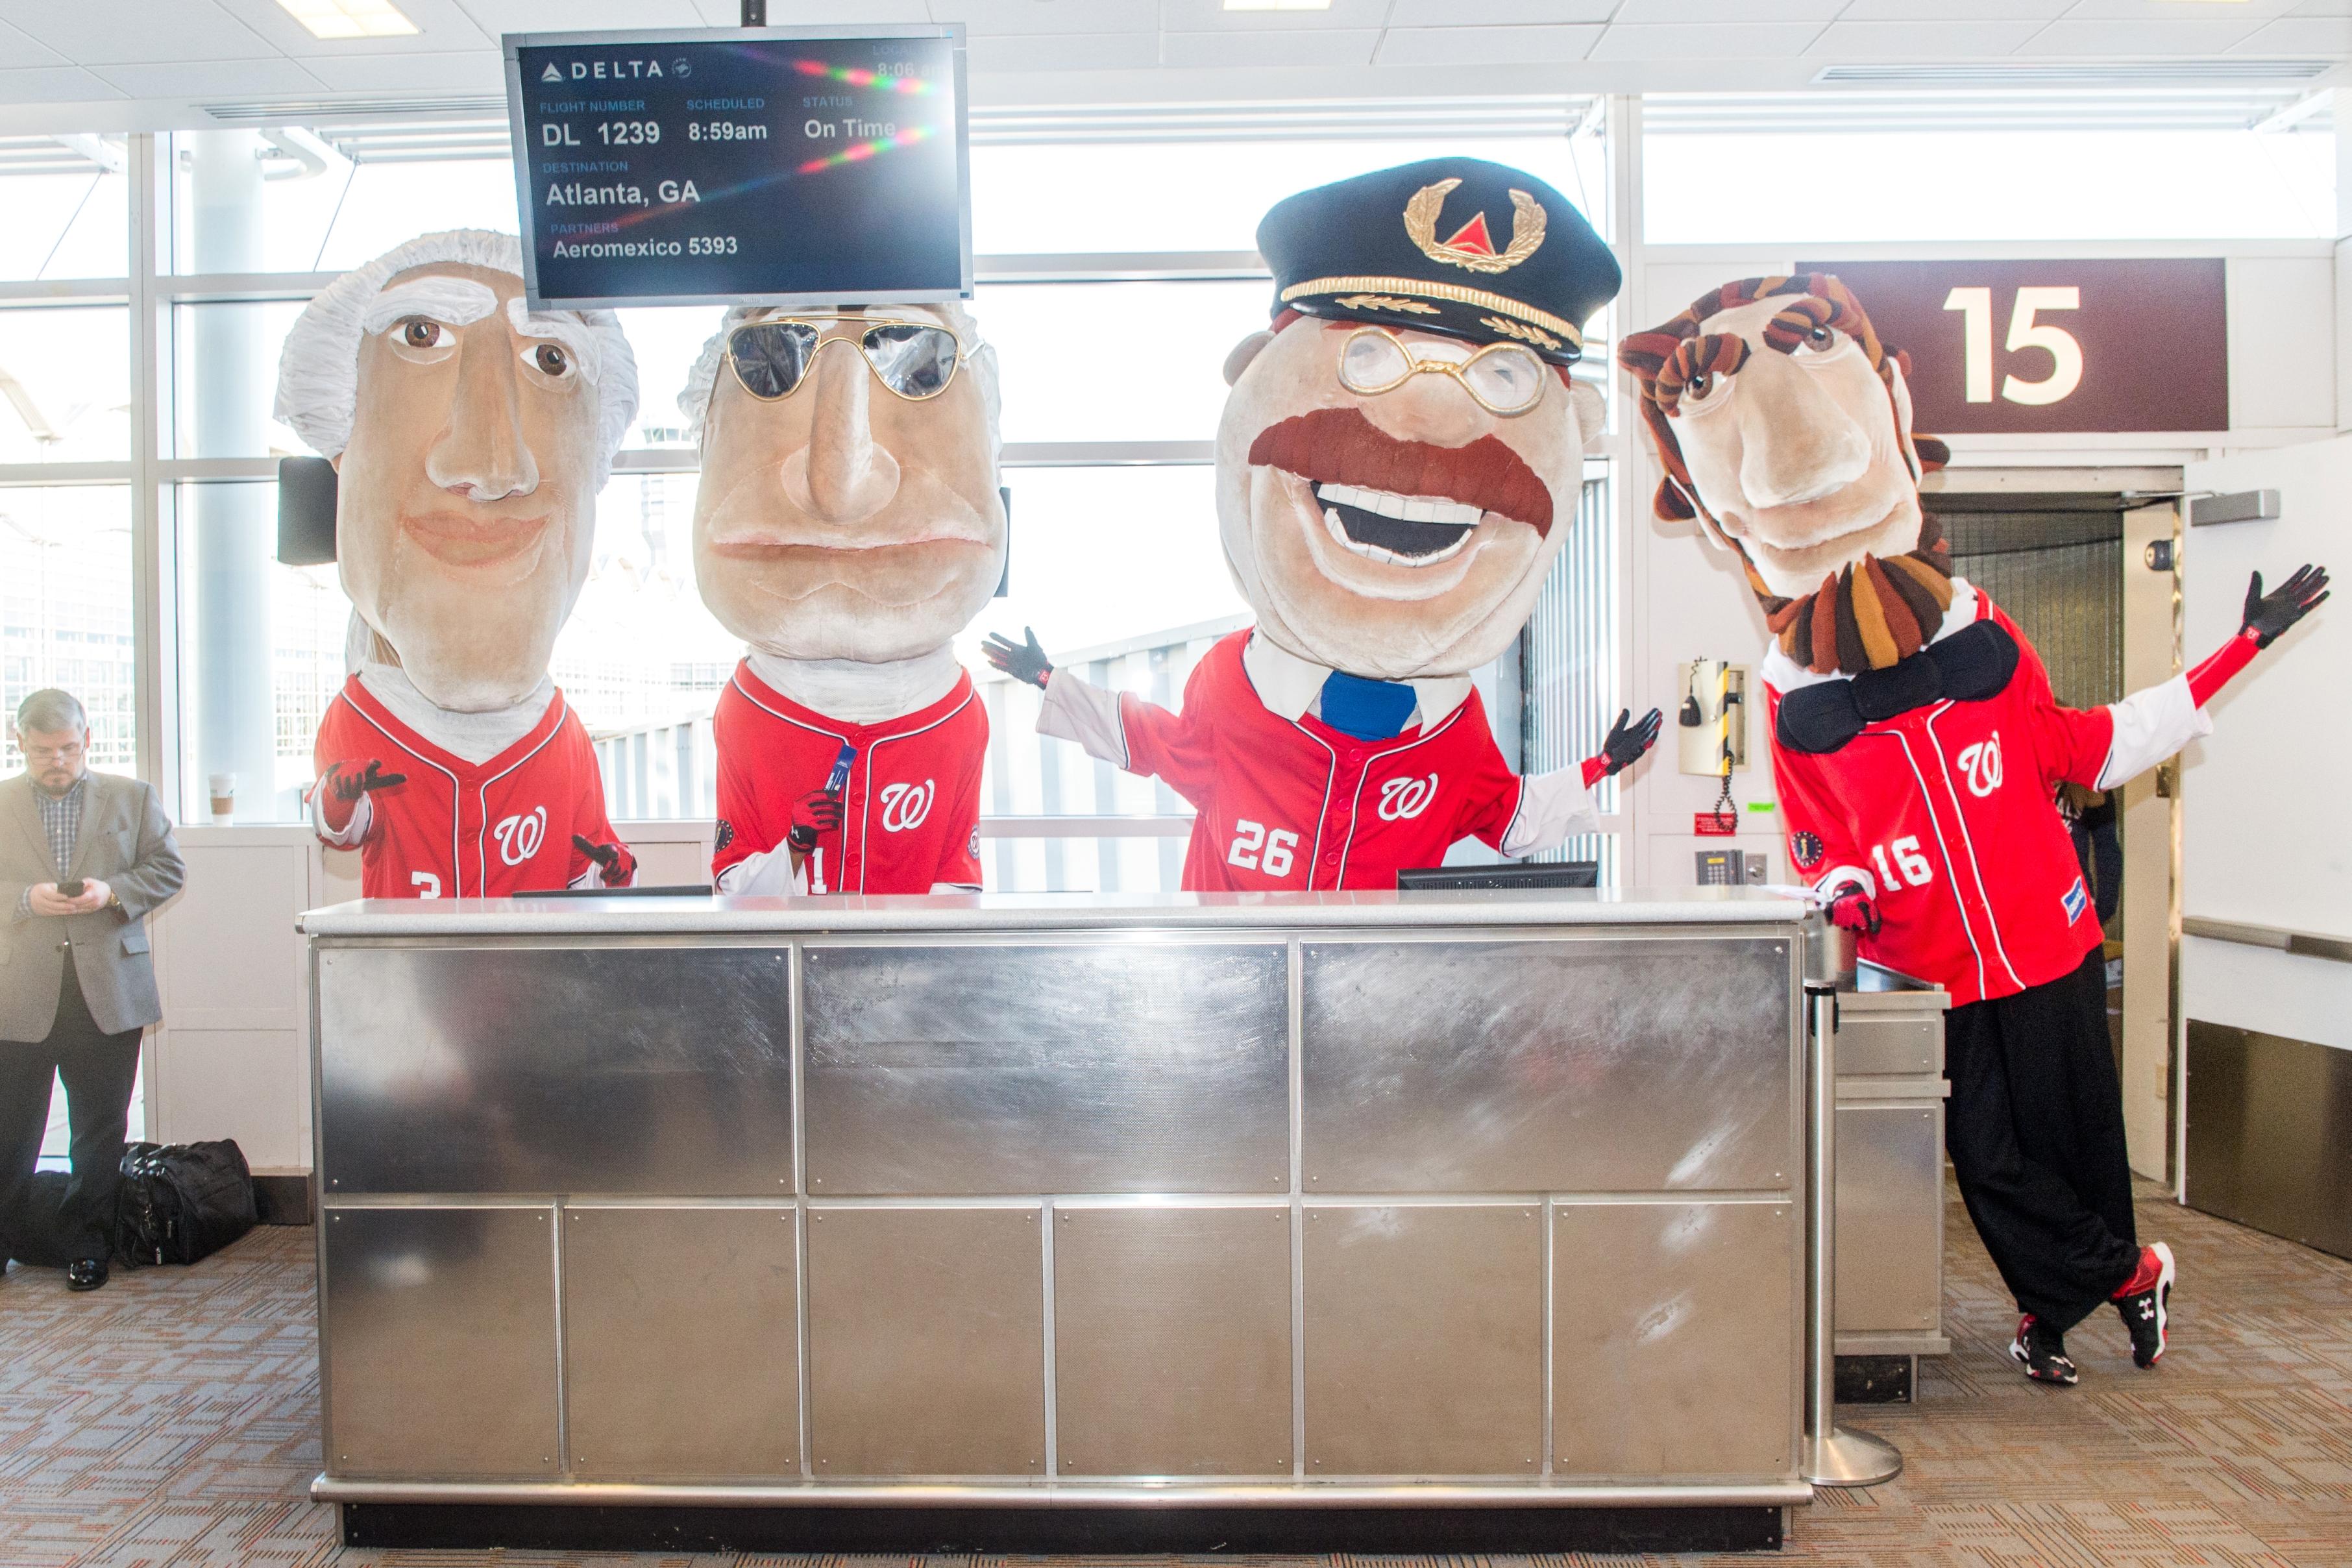 Racing Presidents appear at Reagan National Airport